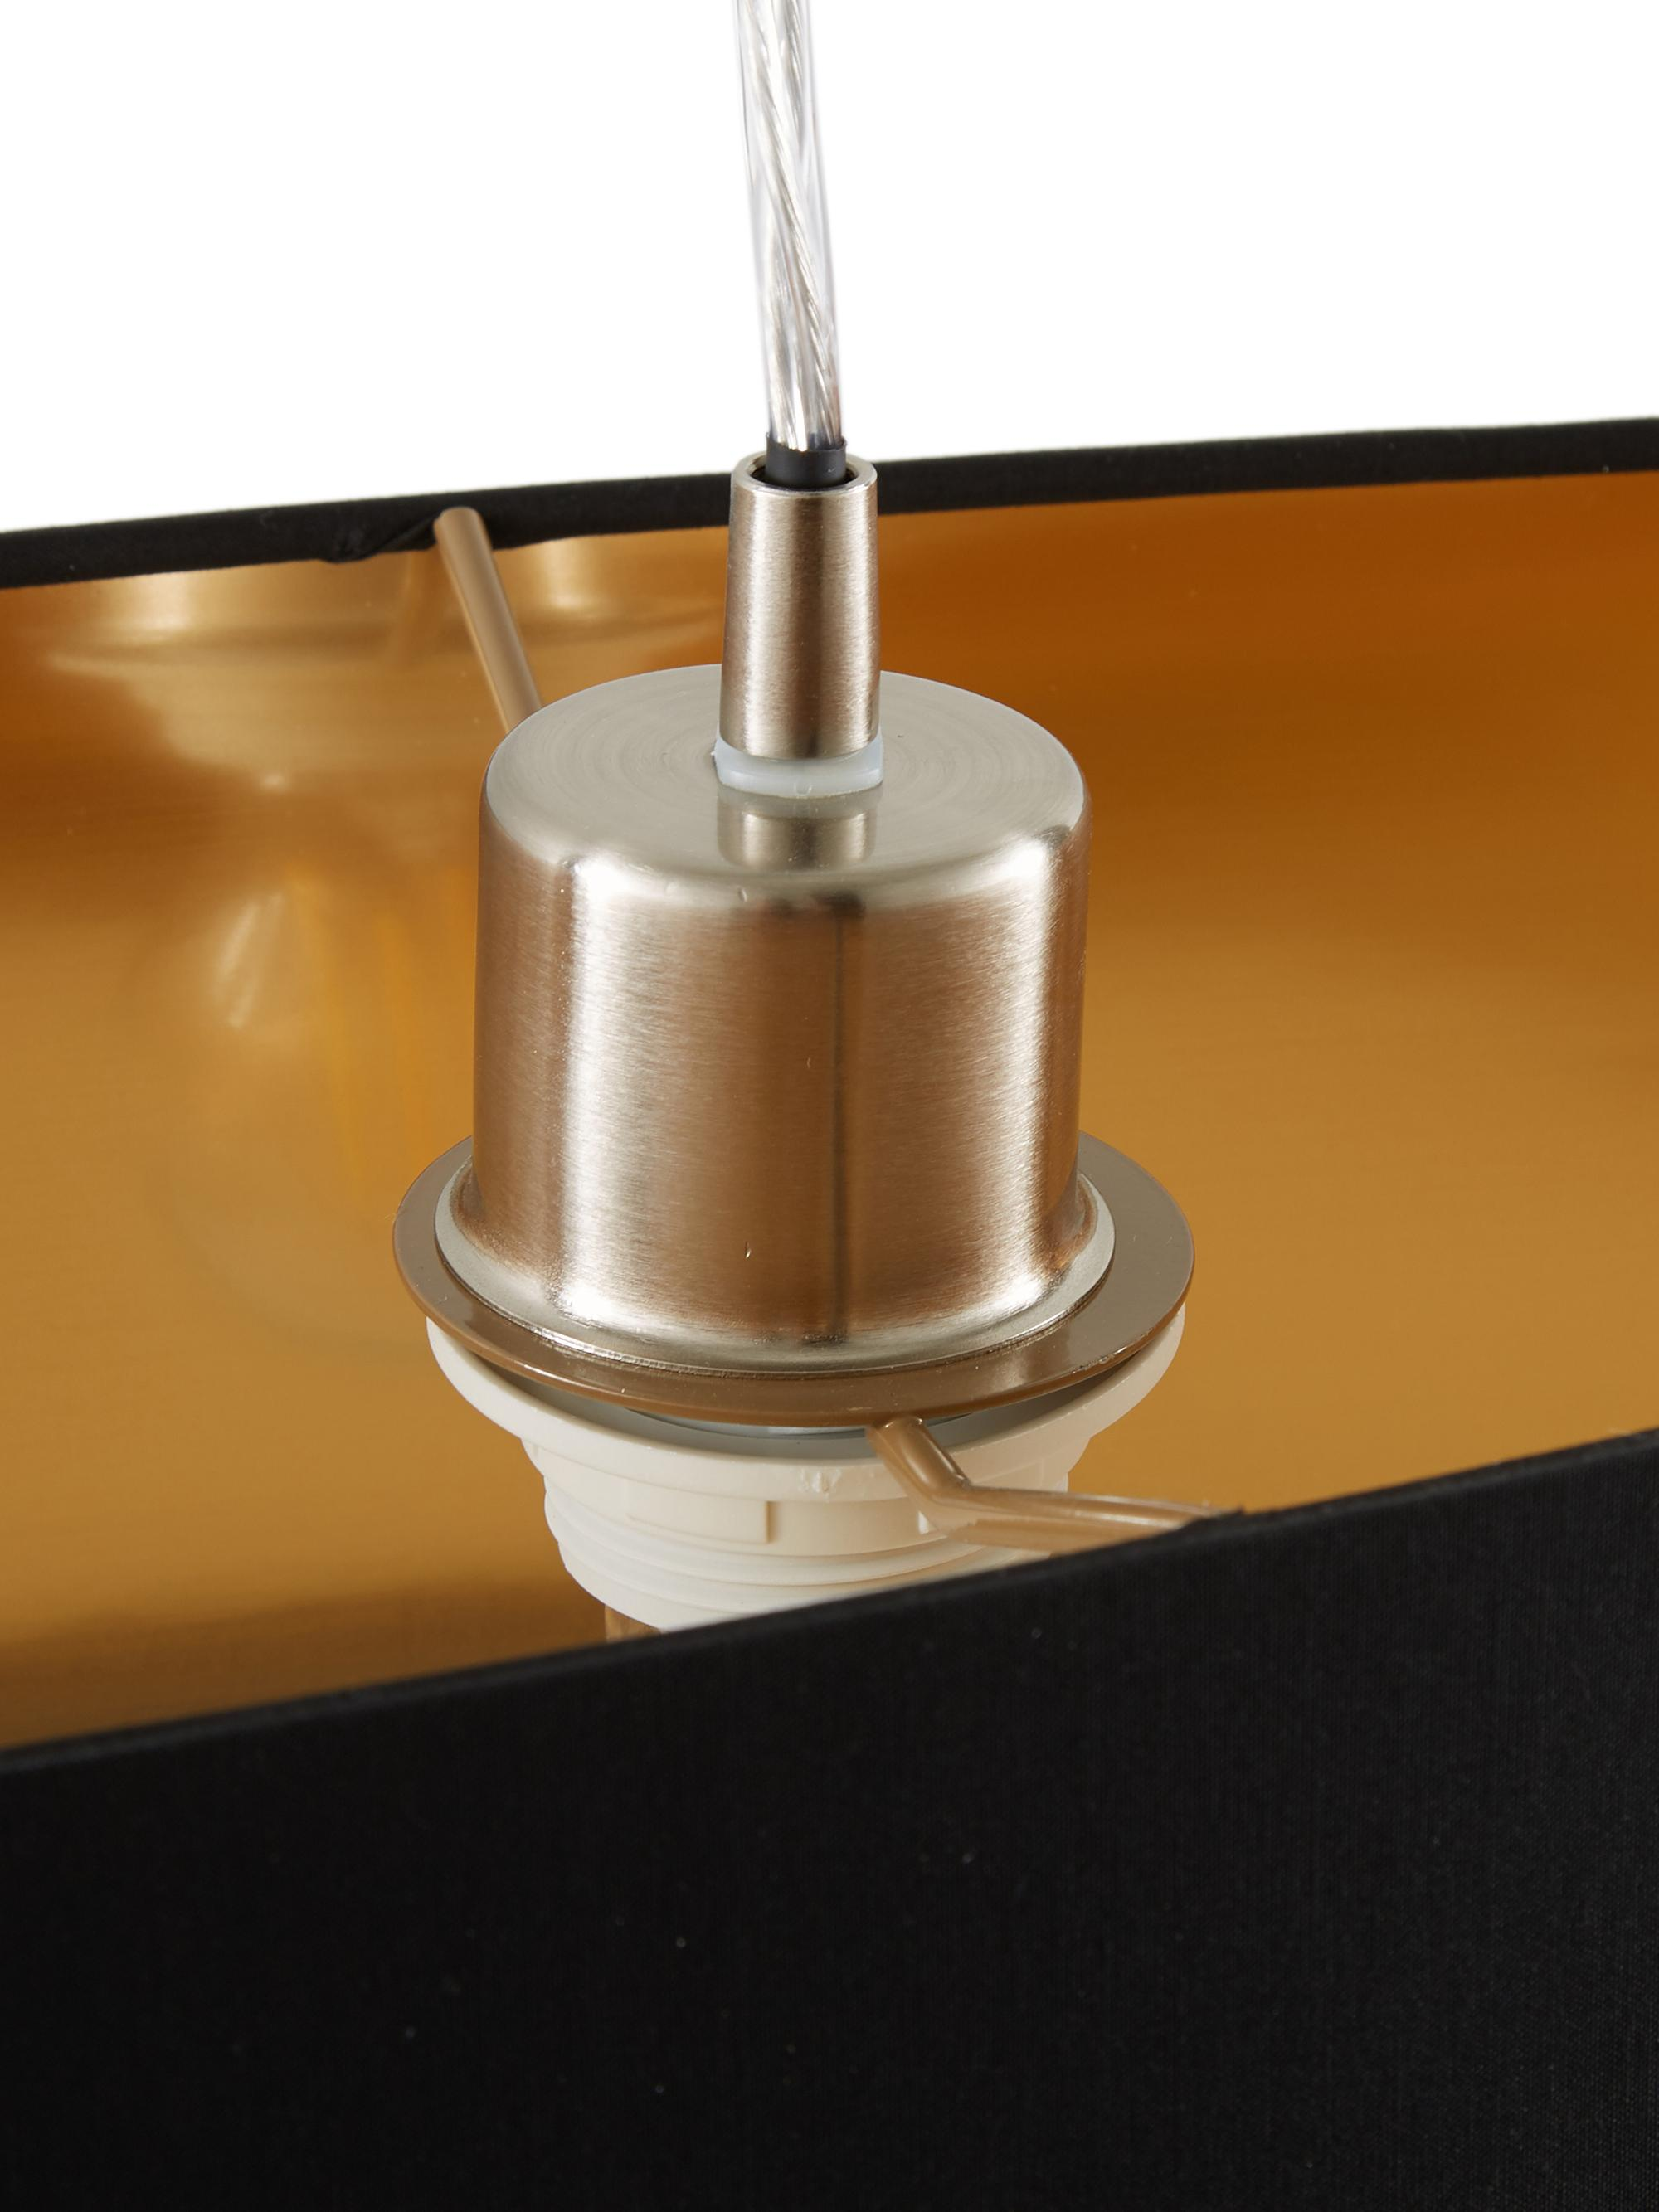 Ovale Pendelleuchte Jamie, Baldachin: Metall, vernickelt, Silberfarben,Schwarz, 78 x 22 cm